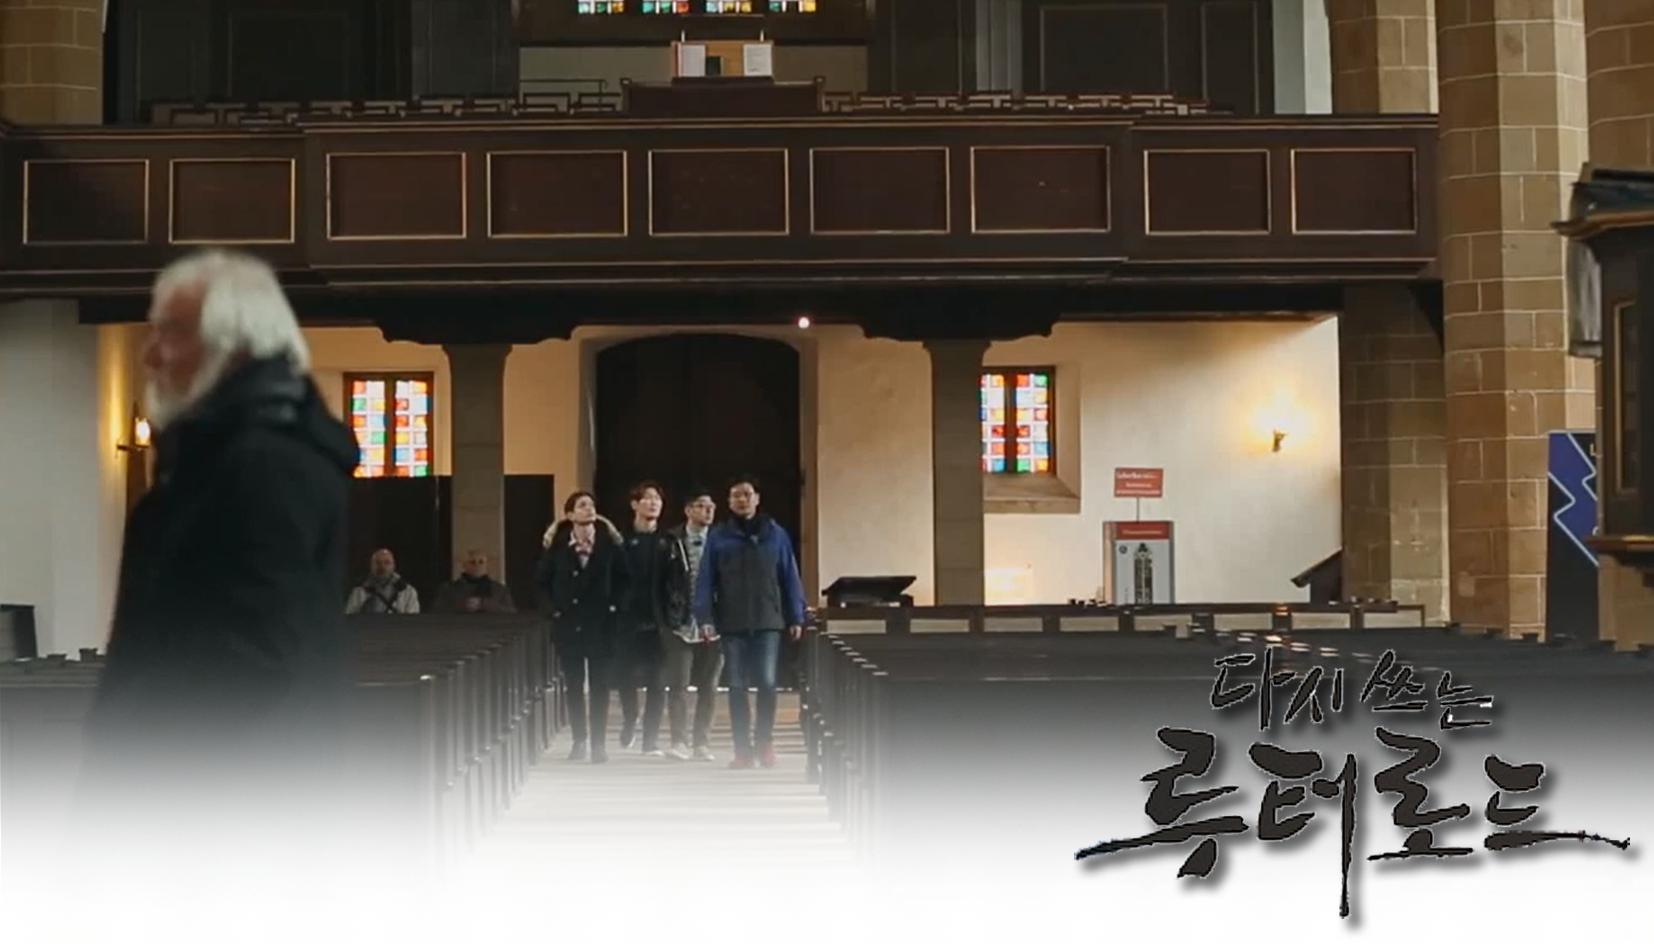 종교개혁 500주년 특집 다큐멘터리 3부작 <다시쓰는 루터로드>